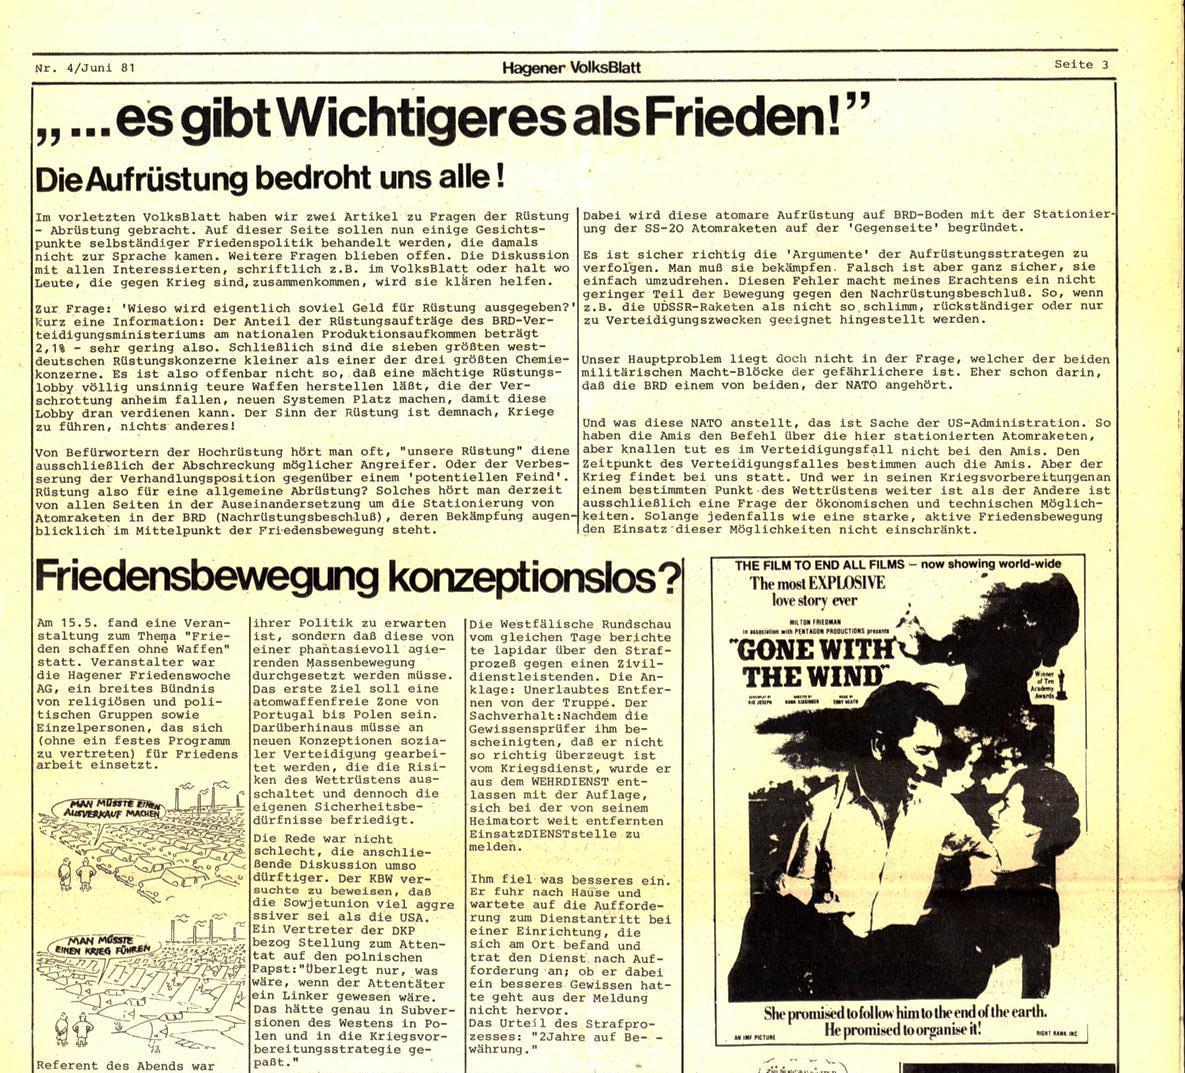 Hagen_Volksblatt_19810600_05